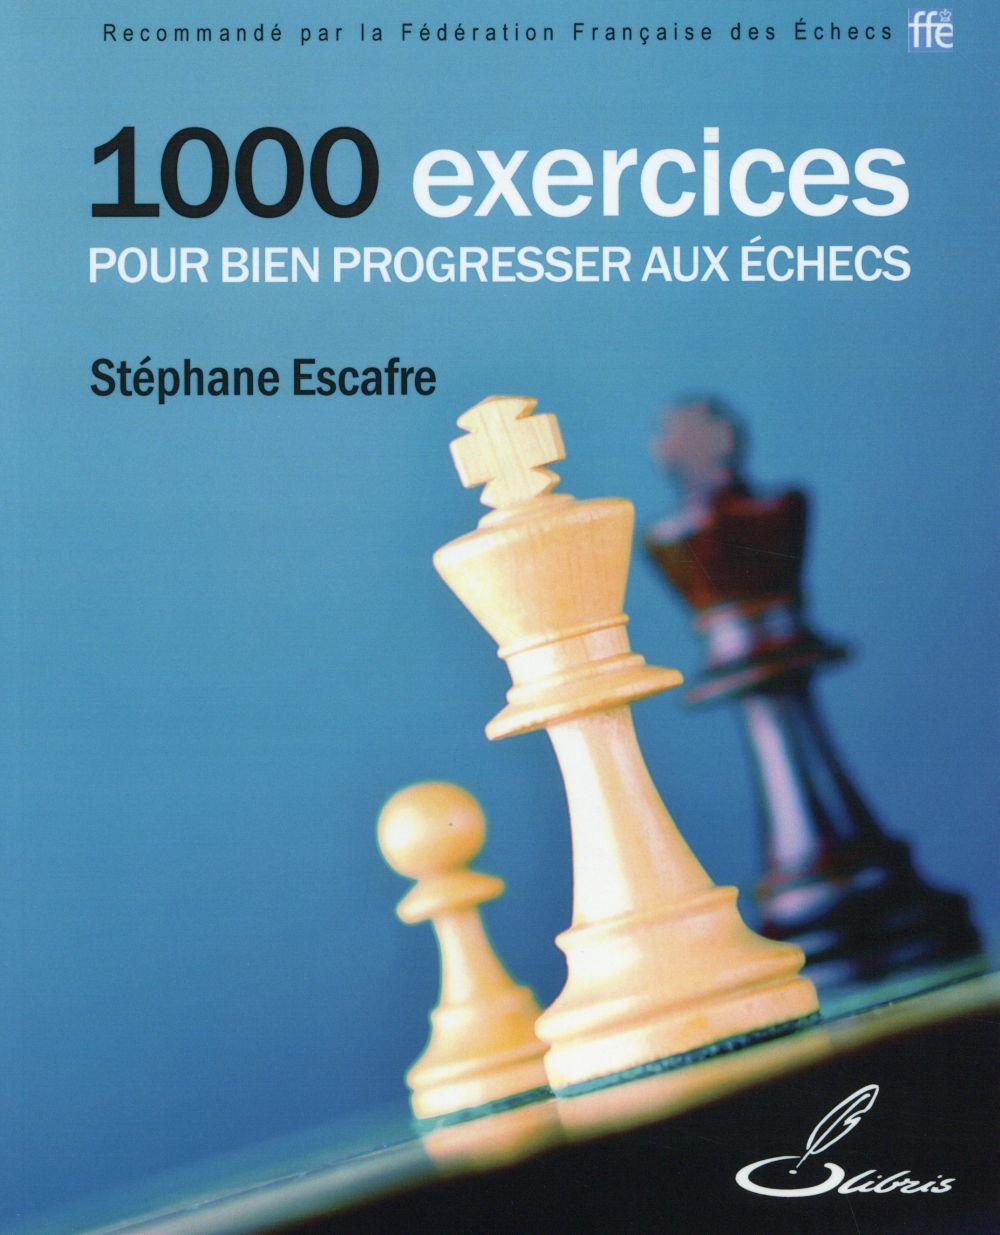 1000 exercices pour bien progresser aux échecs (2e édition)